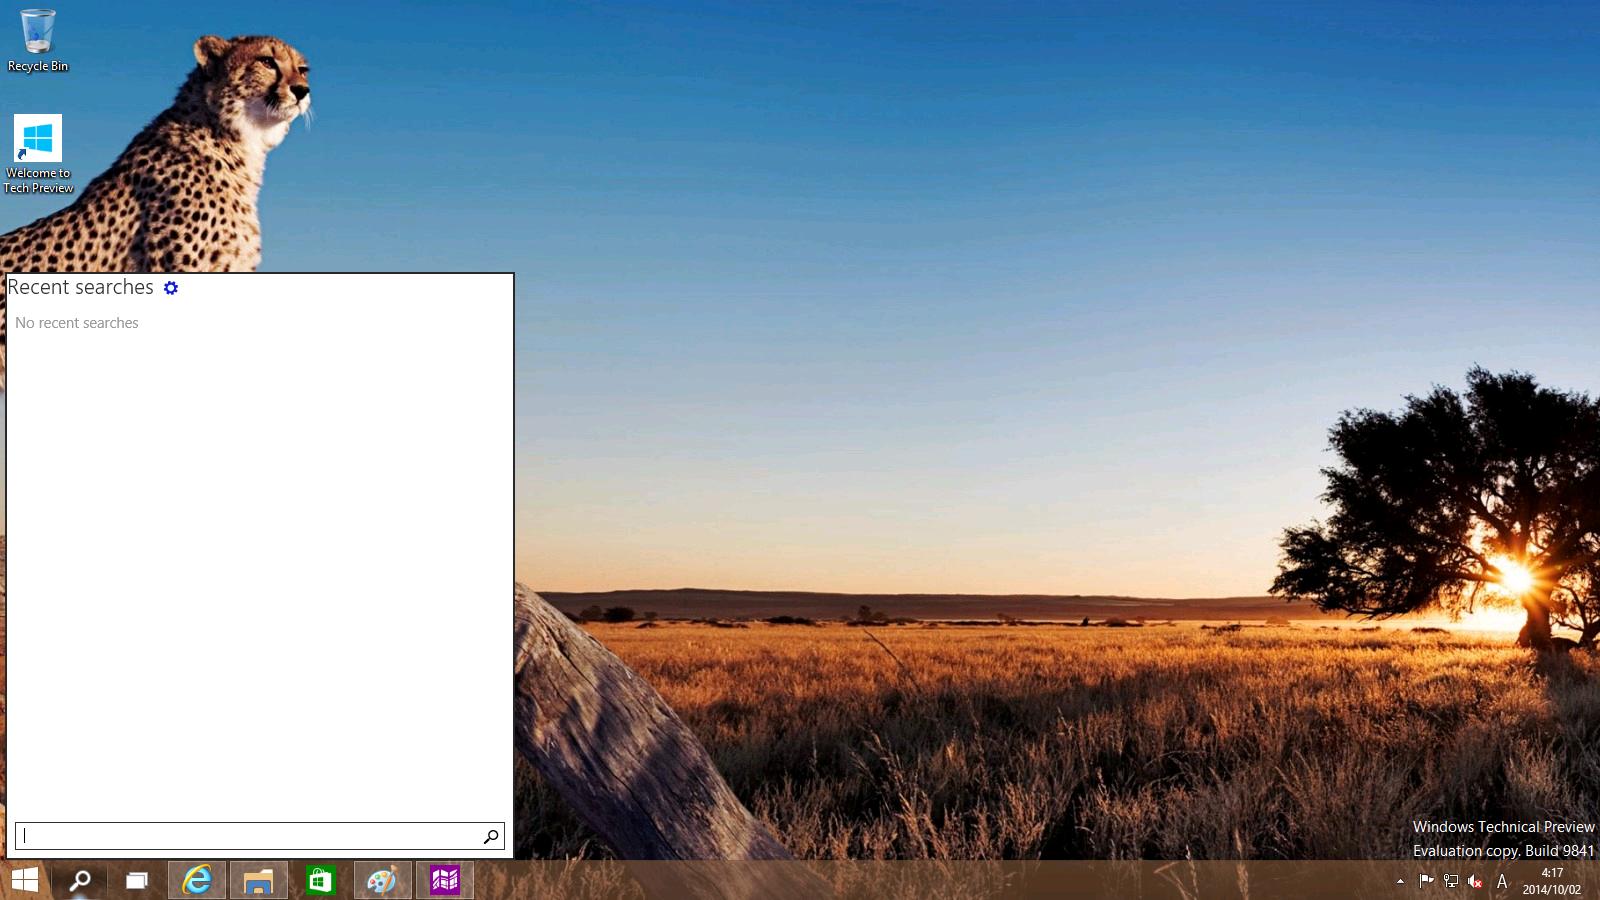 【悲報】 Windows10、殆ど8.1と一緒だった スタートメニュー以外は見分けが付かないレベル